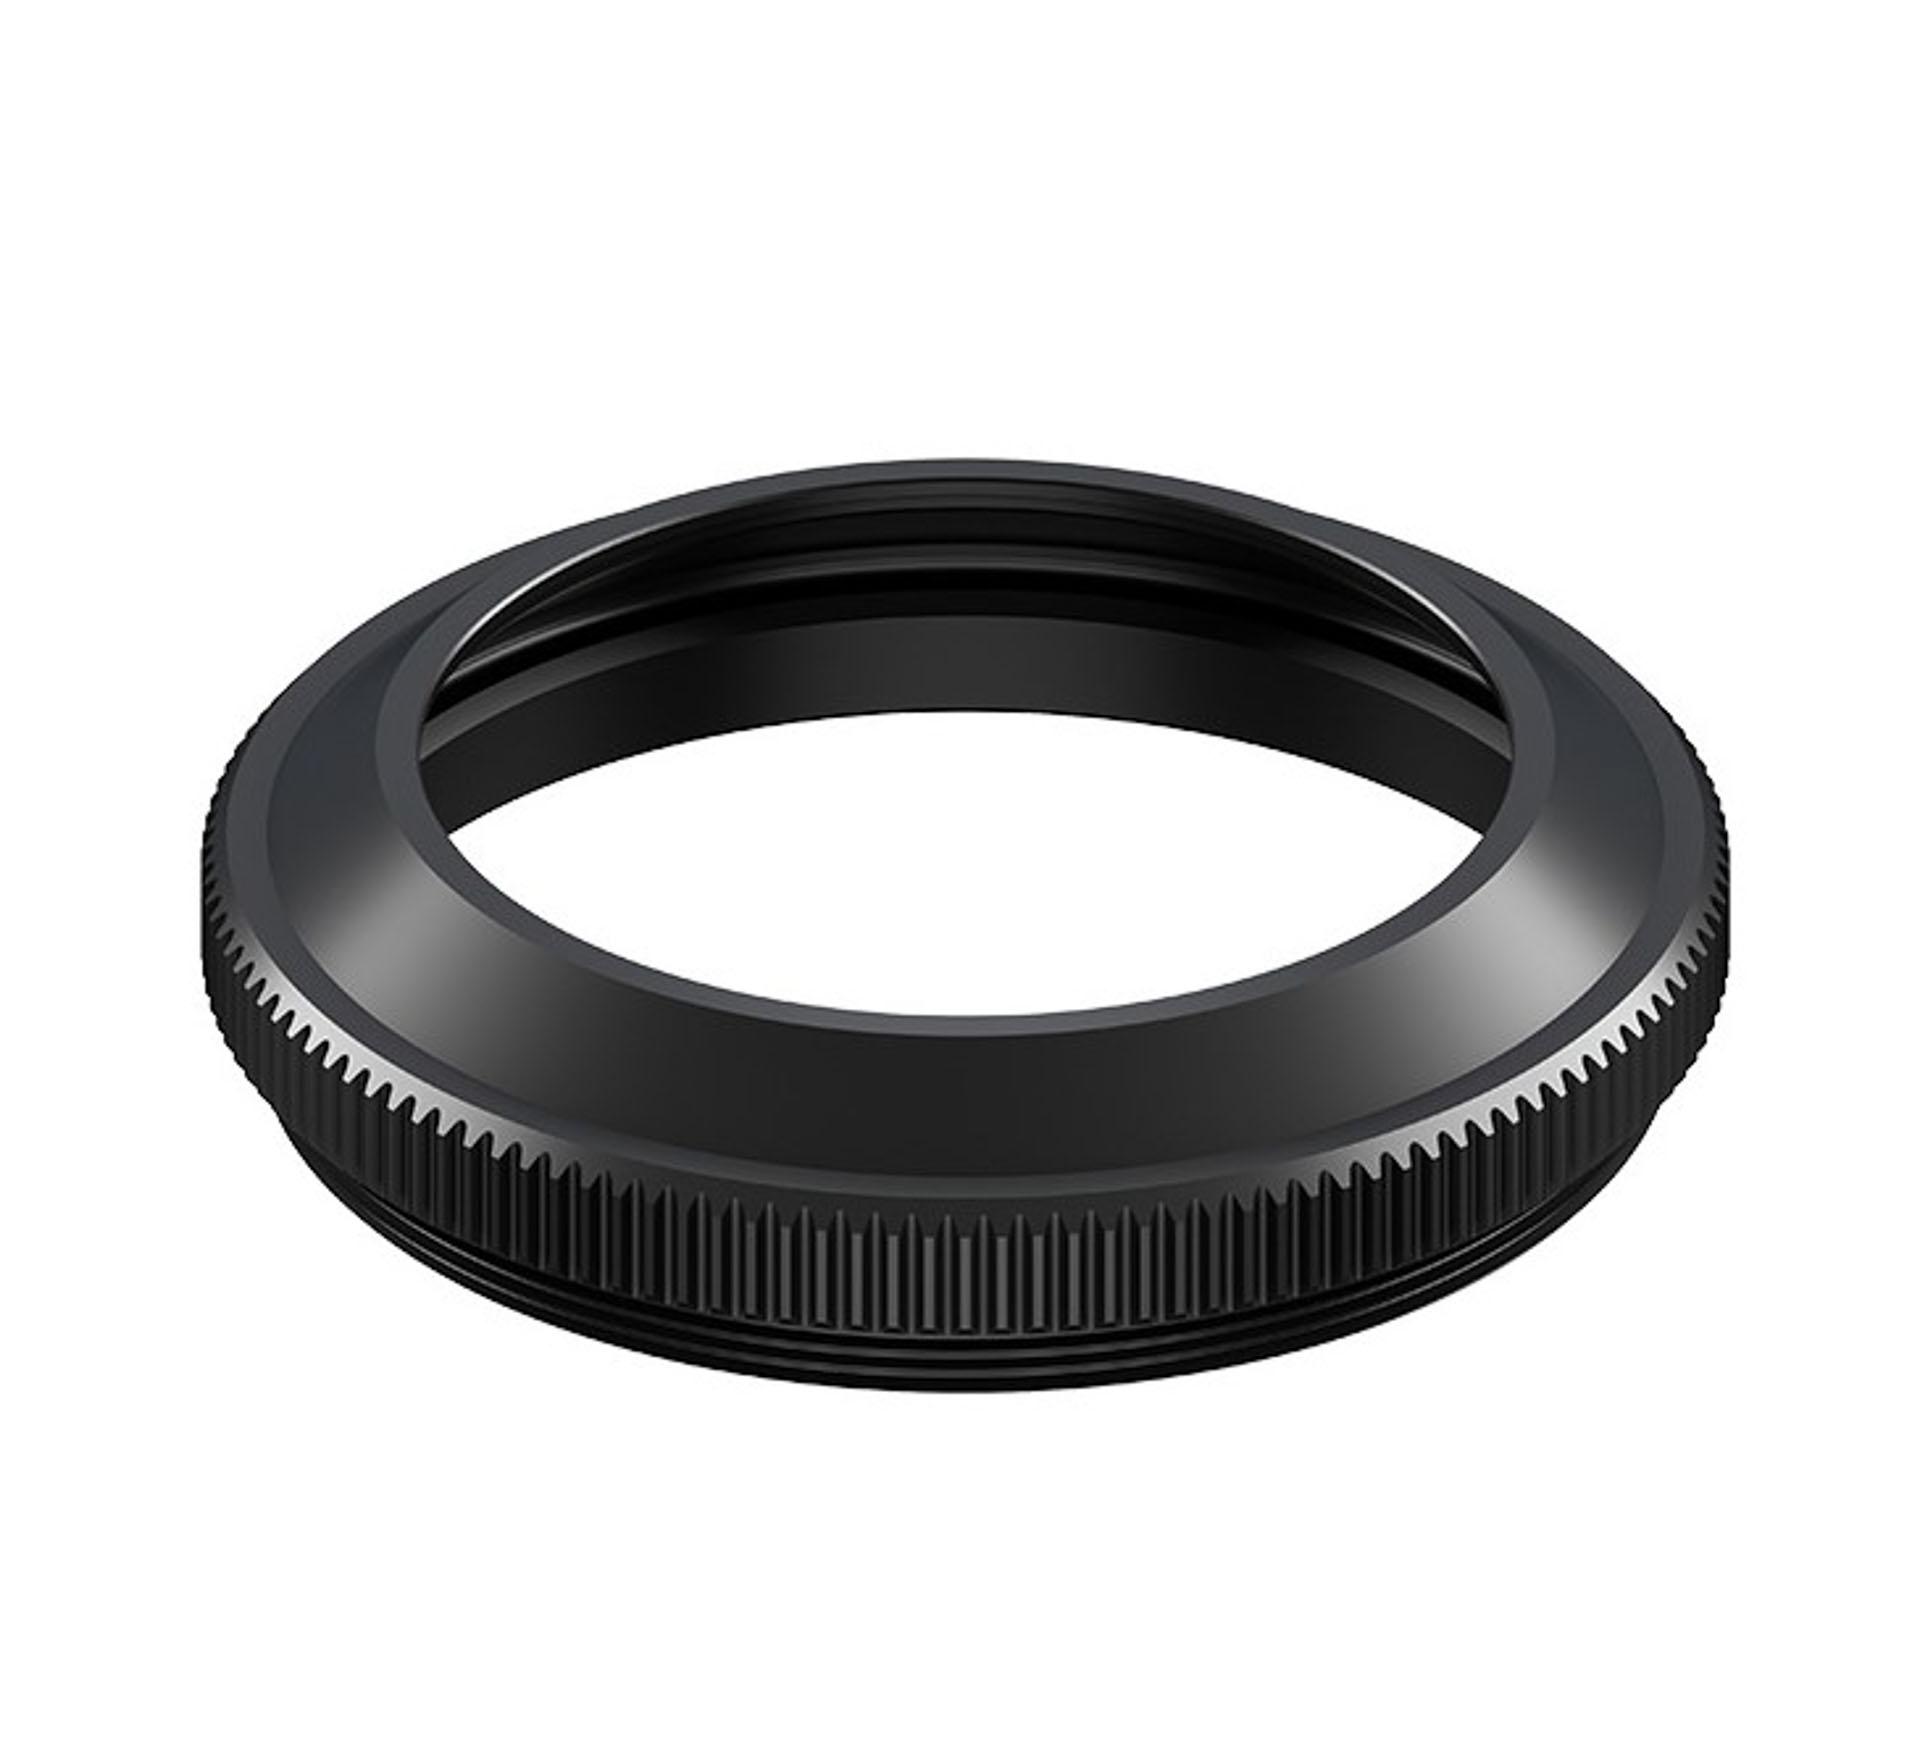 Fujifilm XF27mm lens hood